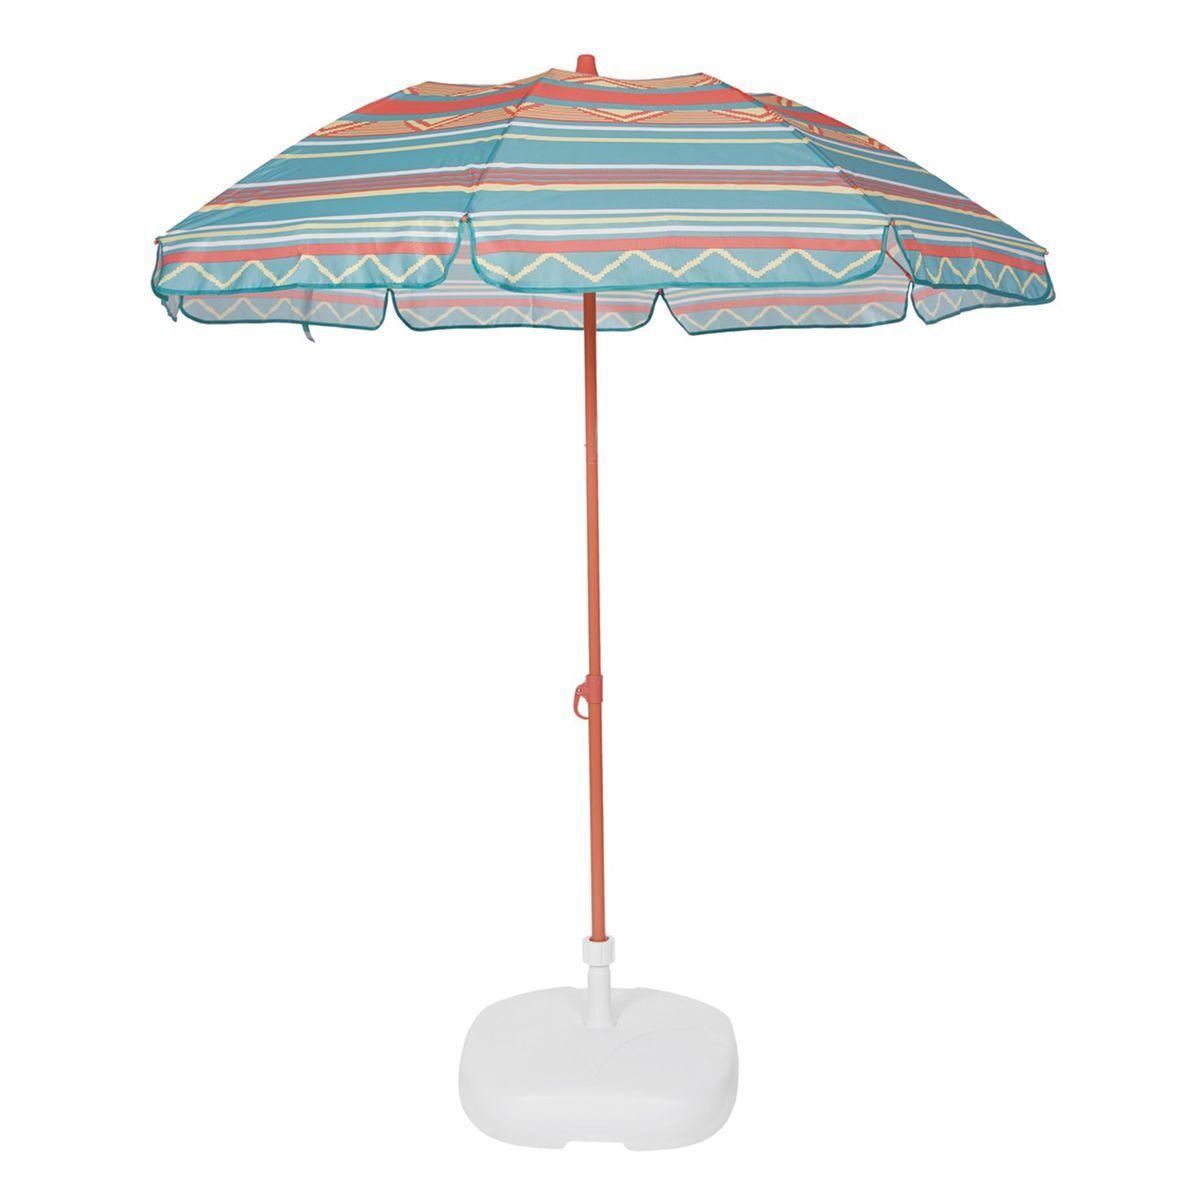 La Redoute Parasol de plage,FOLD - LA REDOUTE INTERIEURS